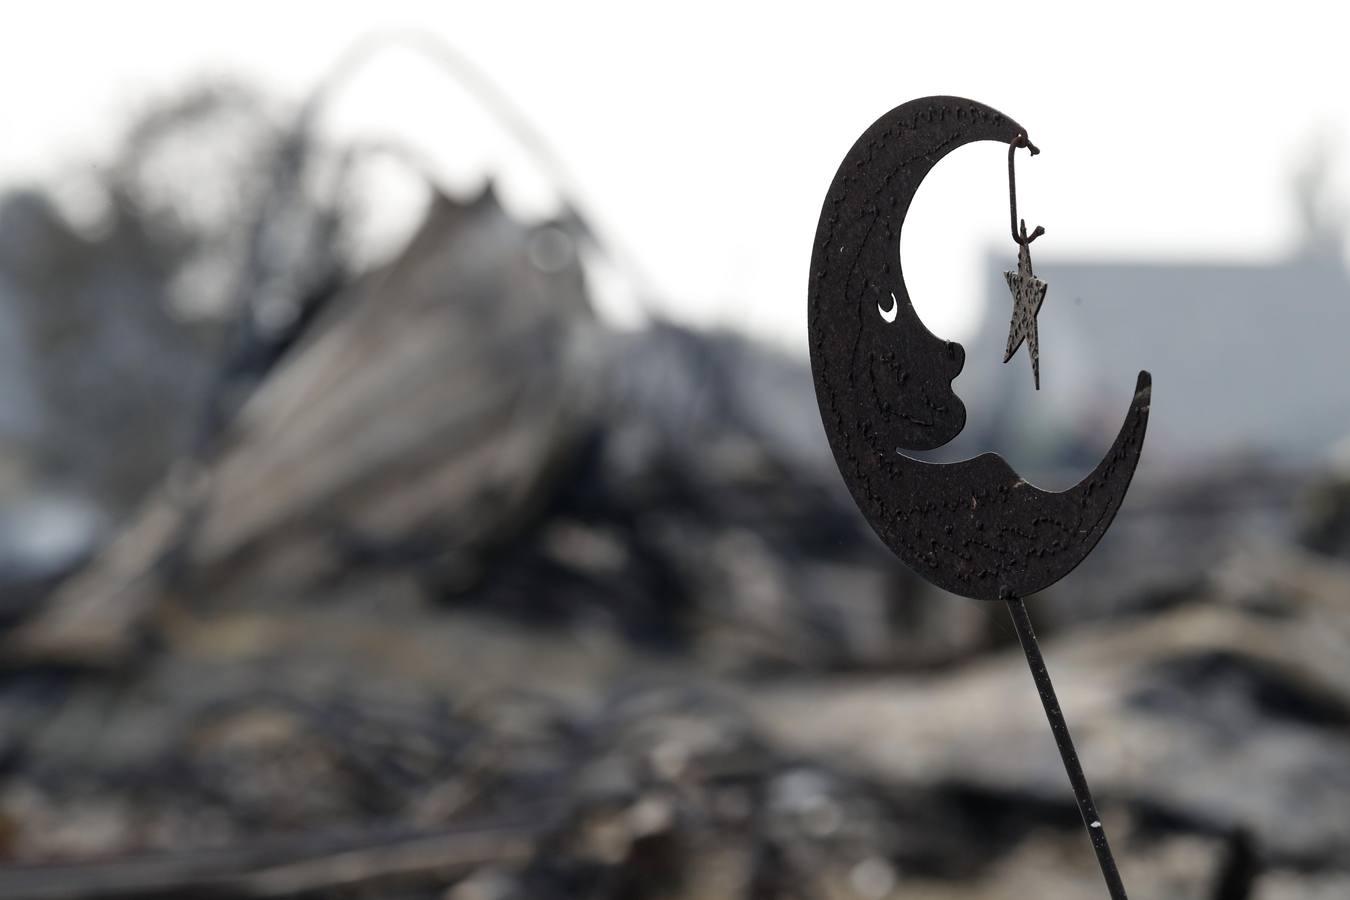 Los incendios en California dejan 17 muertos y más de 46.500 hectáreas arrasadas